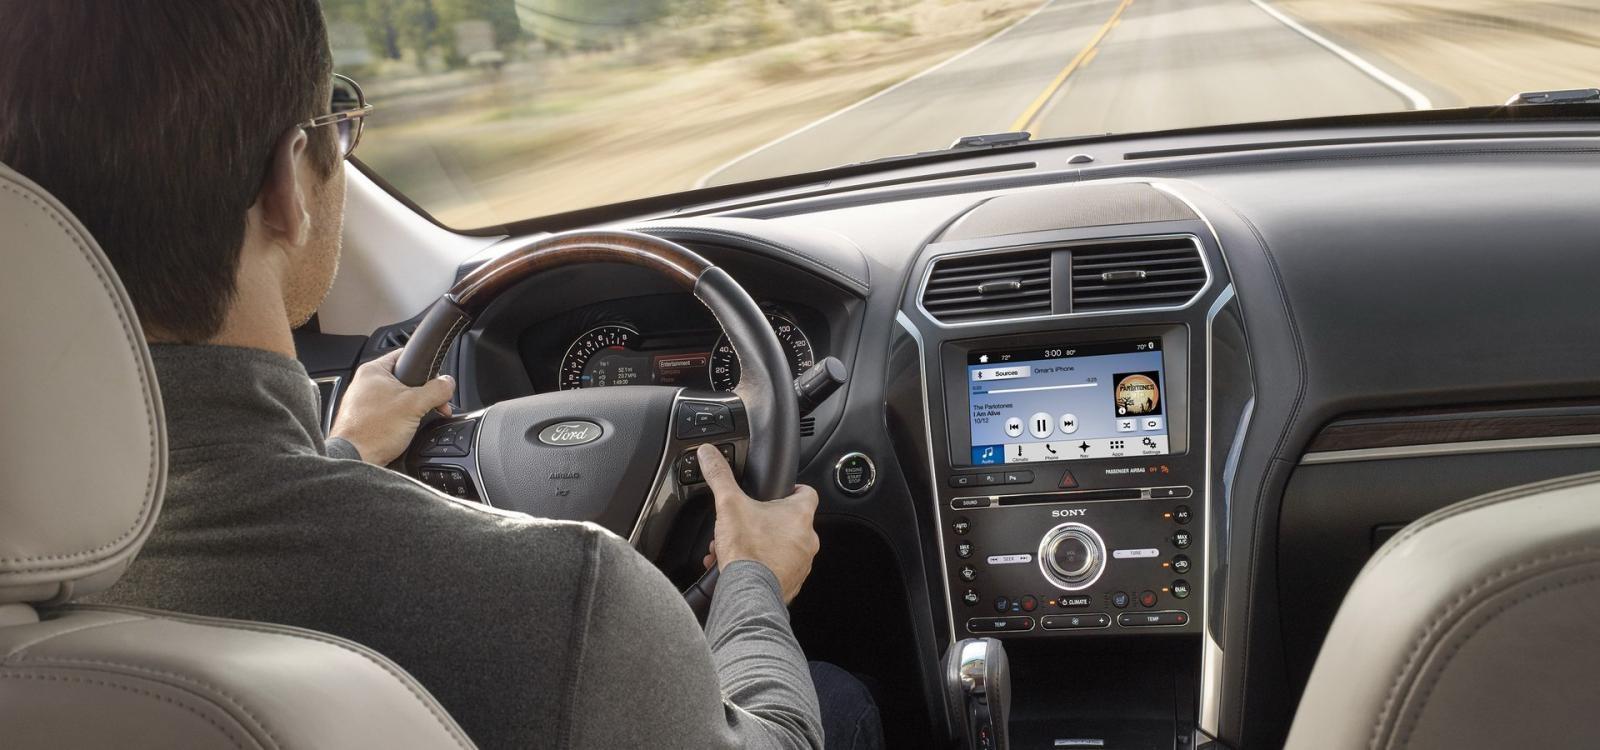 Trong vài năm trở lại đây, Ford Explorer đã bị không ít khách hàng phàn nàn về tình trạng mùi khí thải lọt vào khoang lái